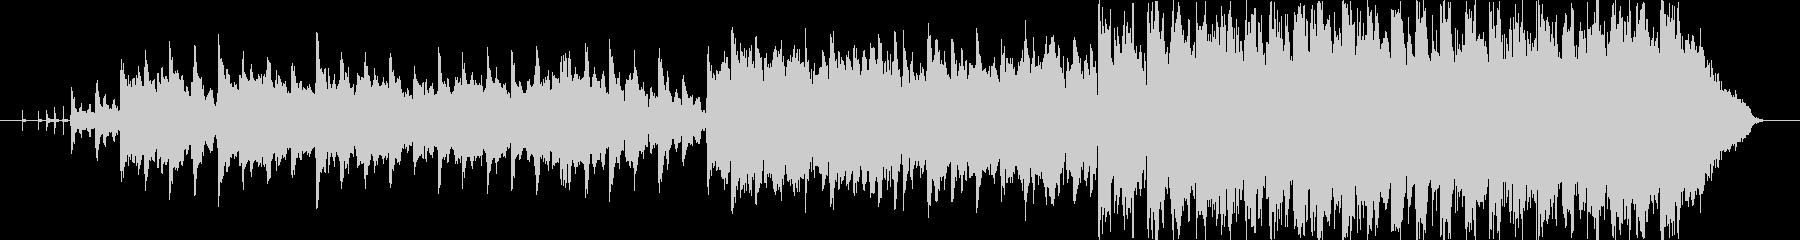 ドナウ川のさざ波調のオーケストラワルツの未再生の波形